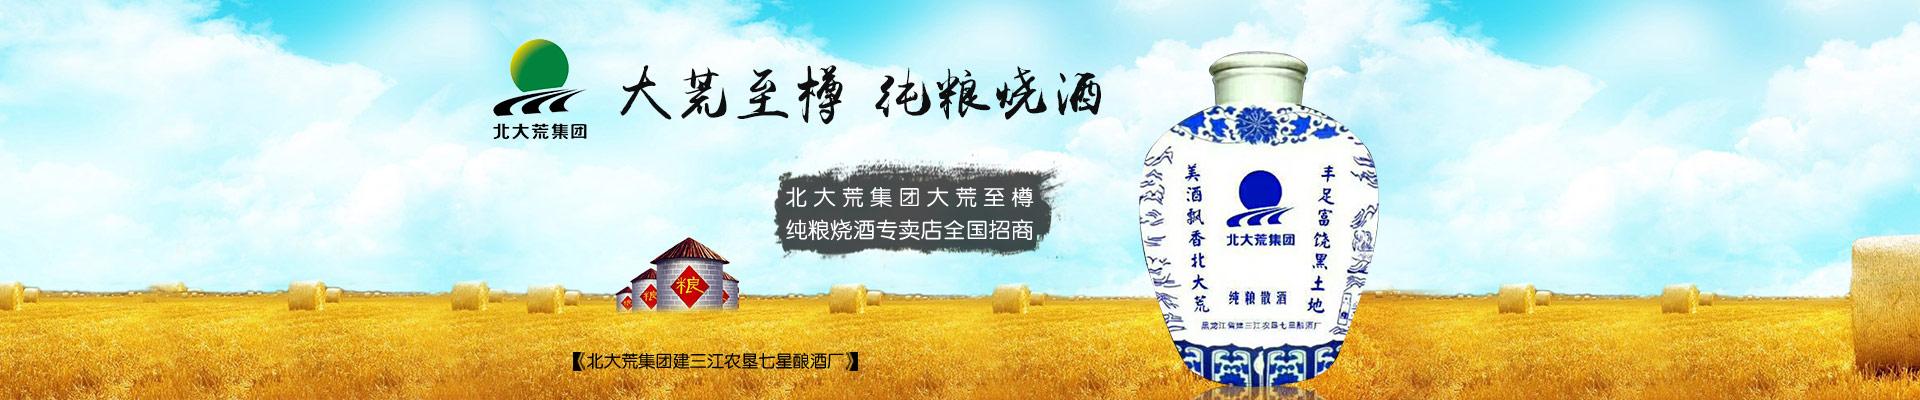 北大荒集团建三江农垦七星酿酒厂